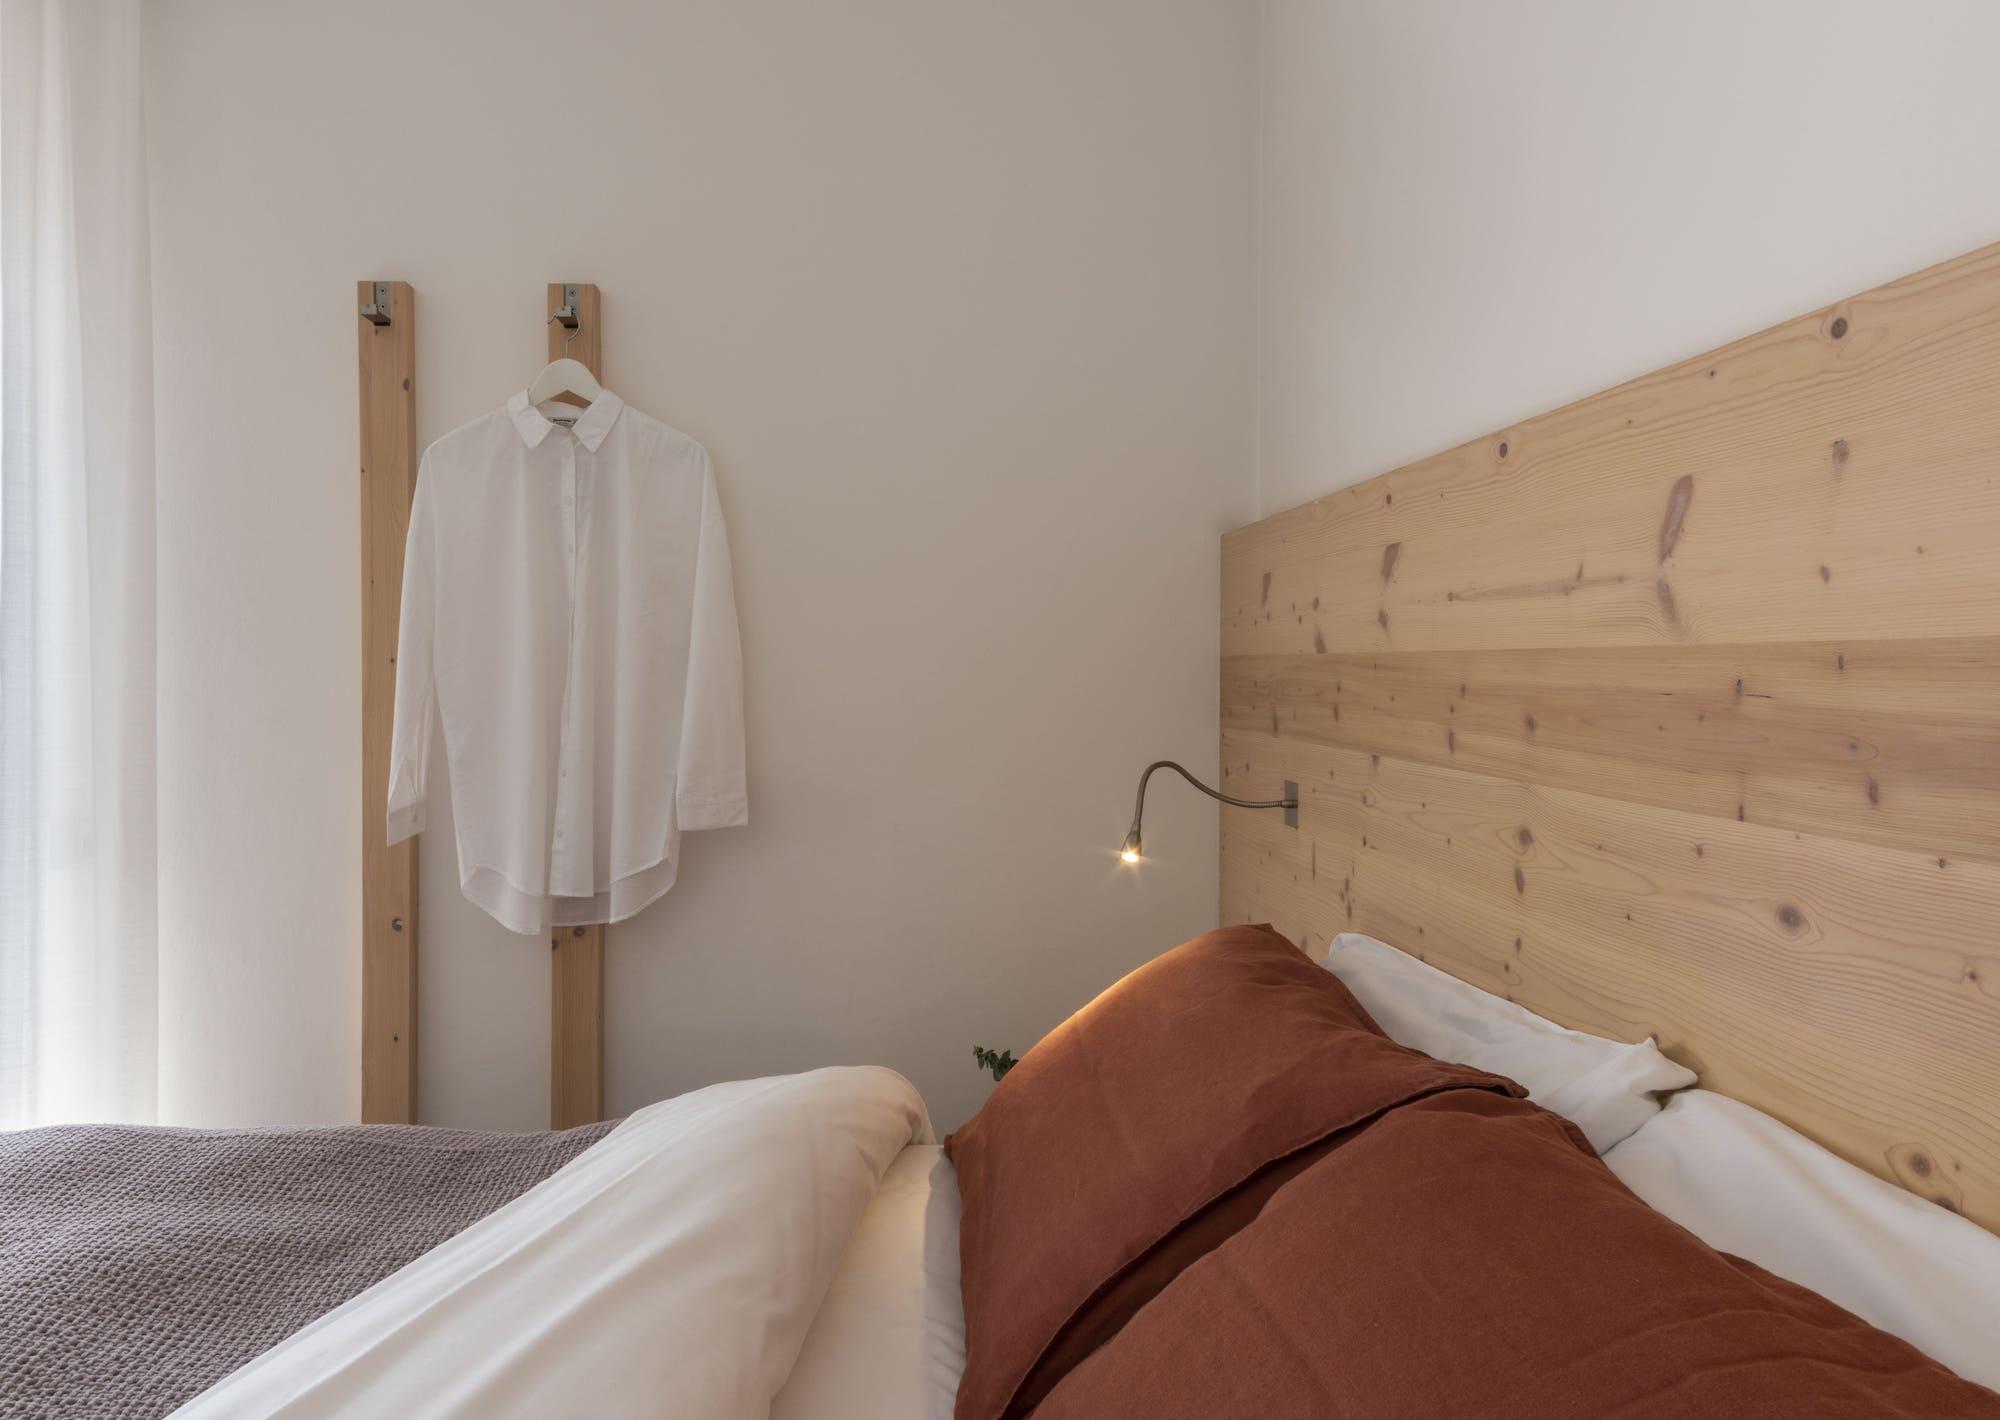 hotelalsorriso10